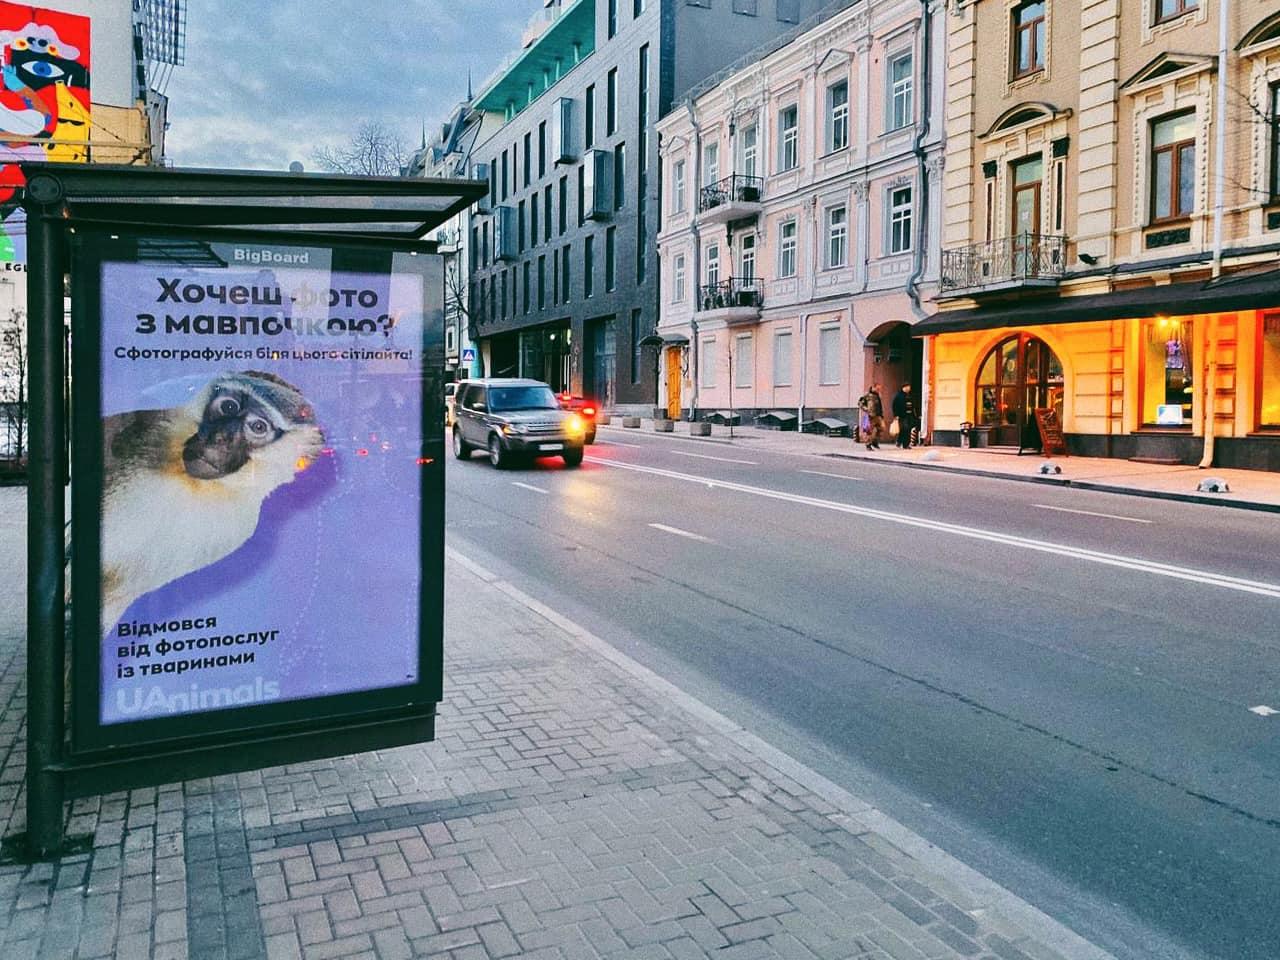 Українські активісти запустили кампанію проти фотопослуг із тваринами